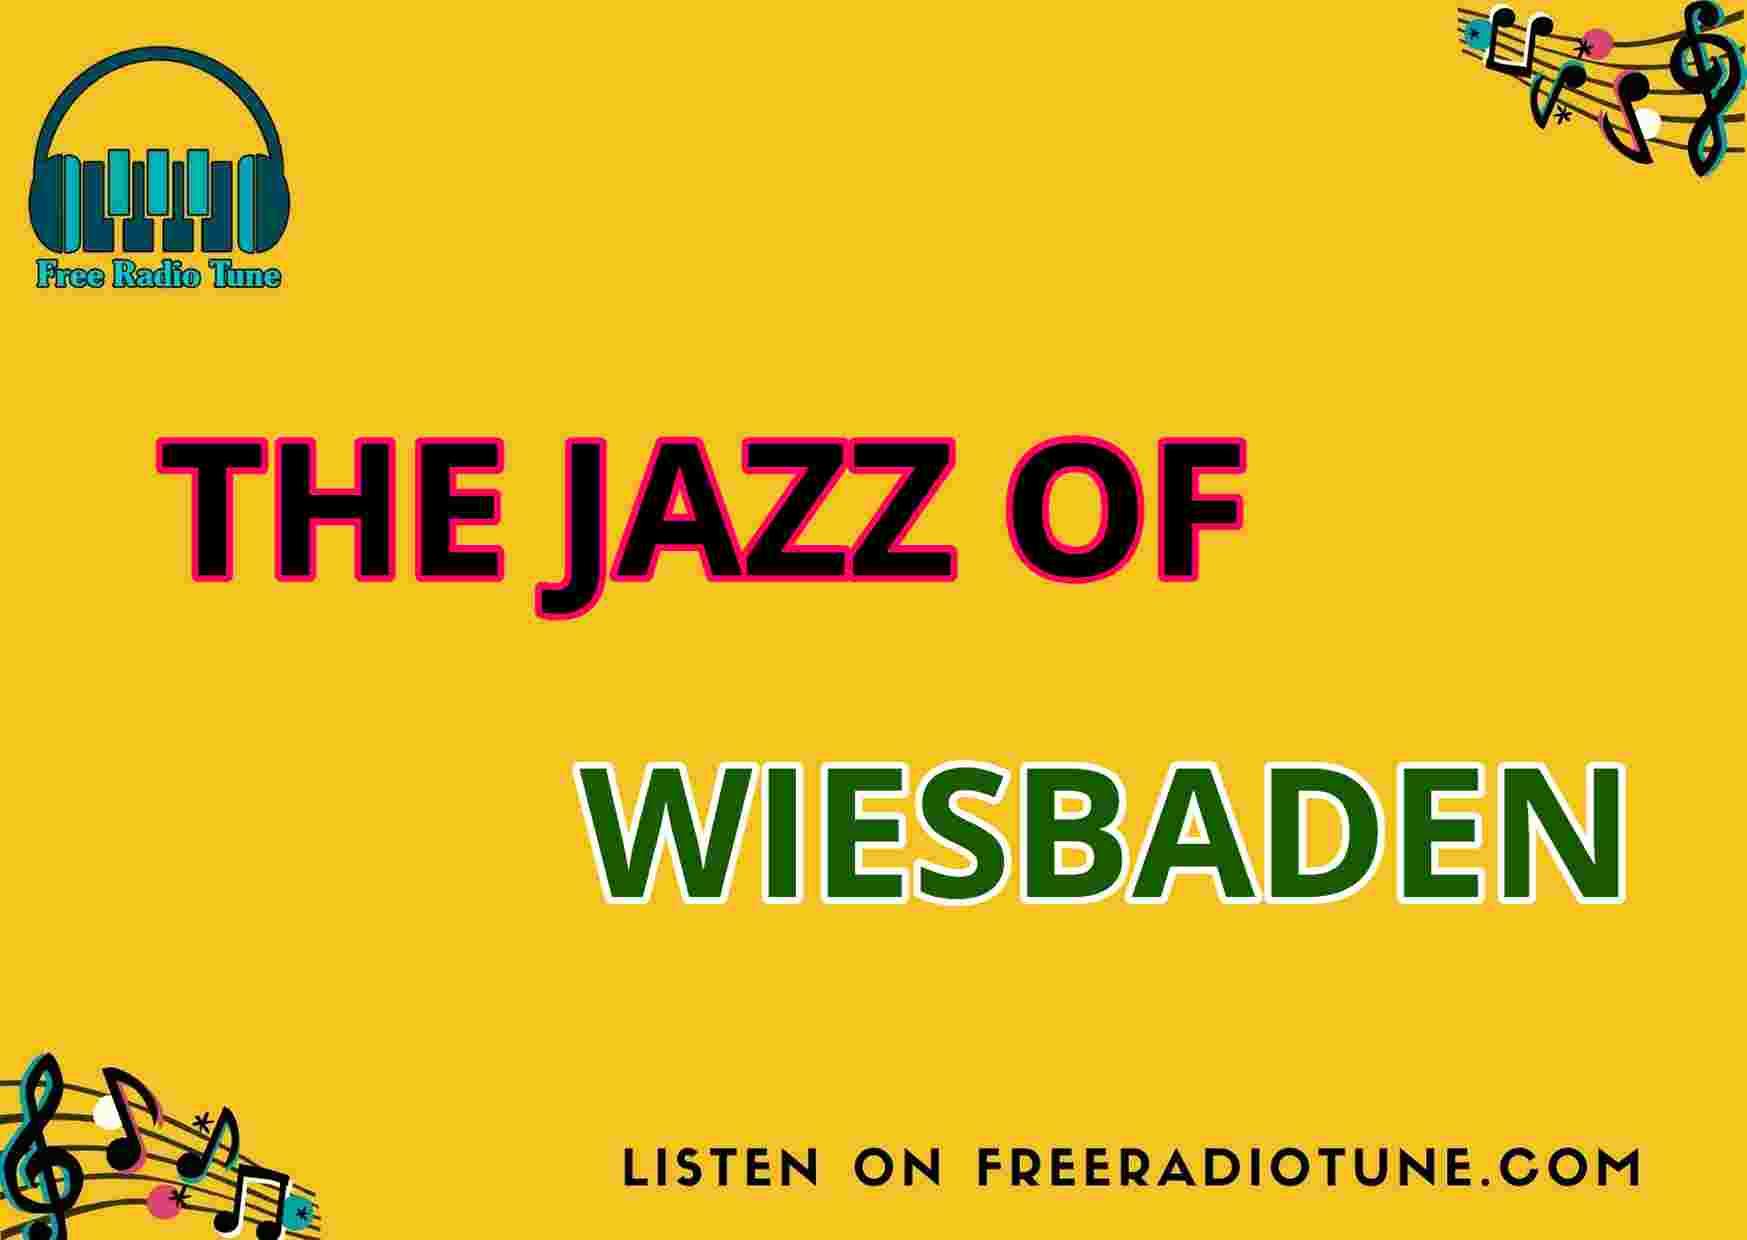 THE JAZZ OF WIESBADEN